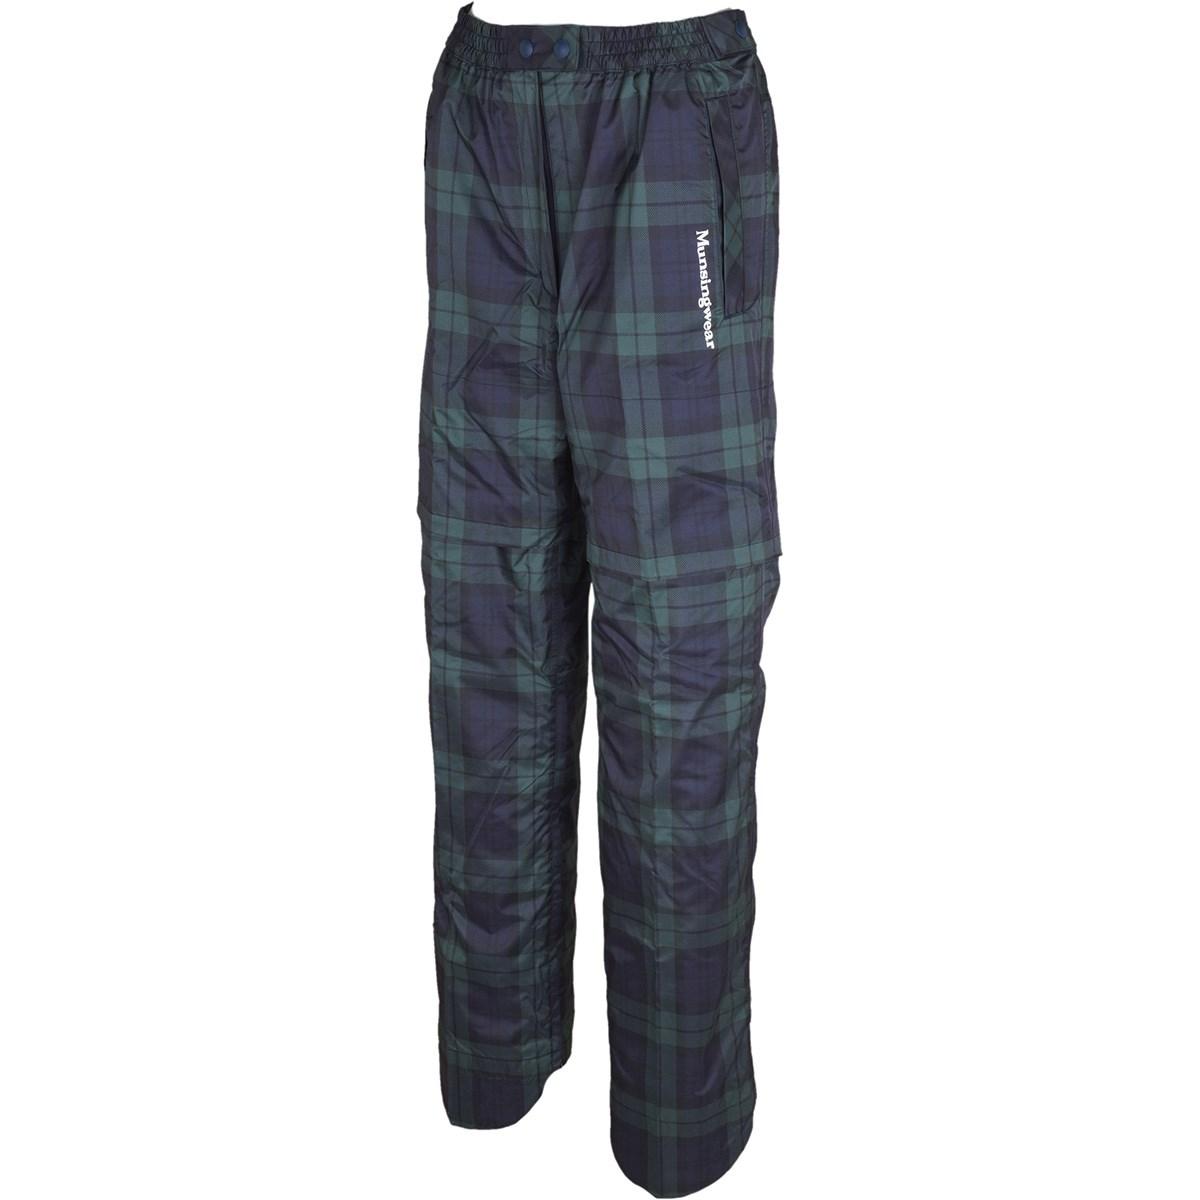 マンシングウェア Munsingwear ストレッチ ツイルプリント レインパンツ S ブラック/グリーン レディス